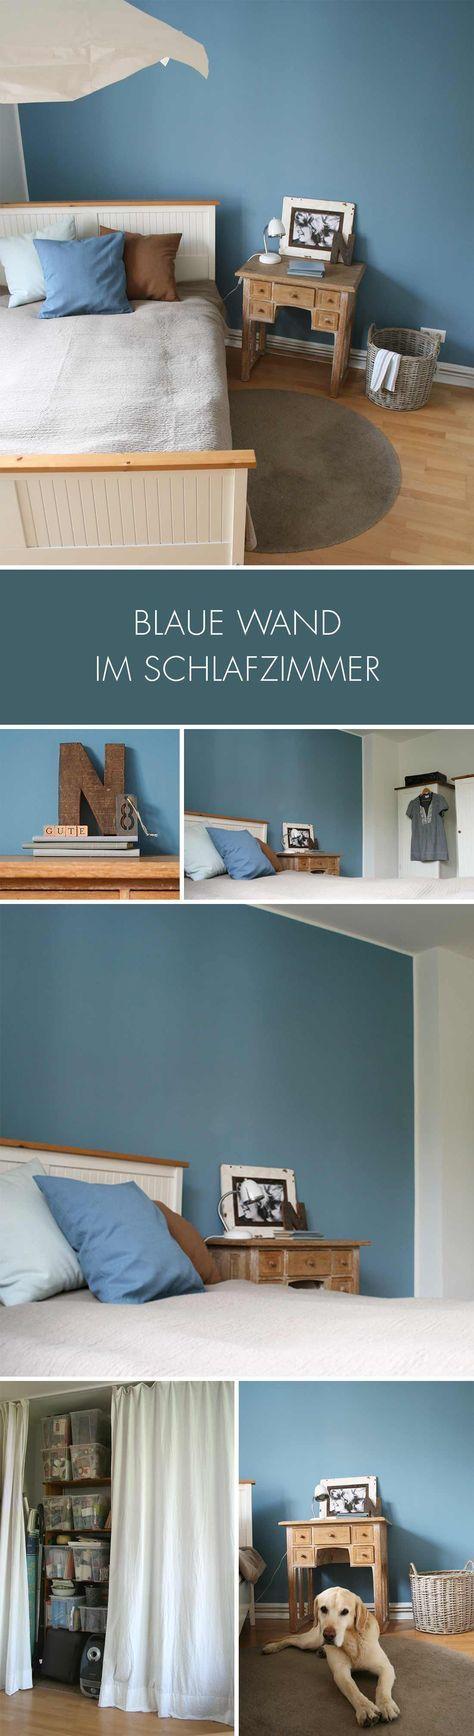 blaue wand im schlafzimmer und wie ich eine praktische abstellkammer versteckt habe - Blaue Wande Schlafzimmer